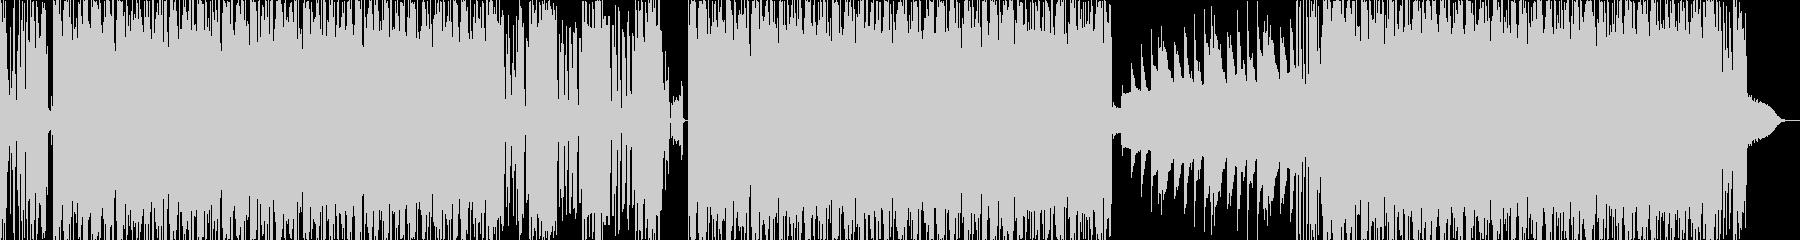 ファンキーでエネルギッシュ、フレッ...の未再生の波形